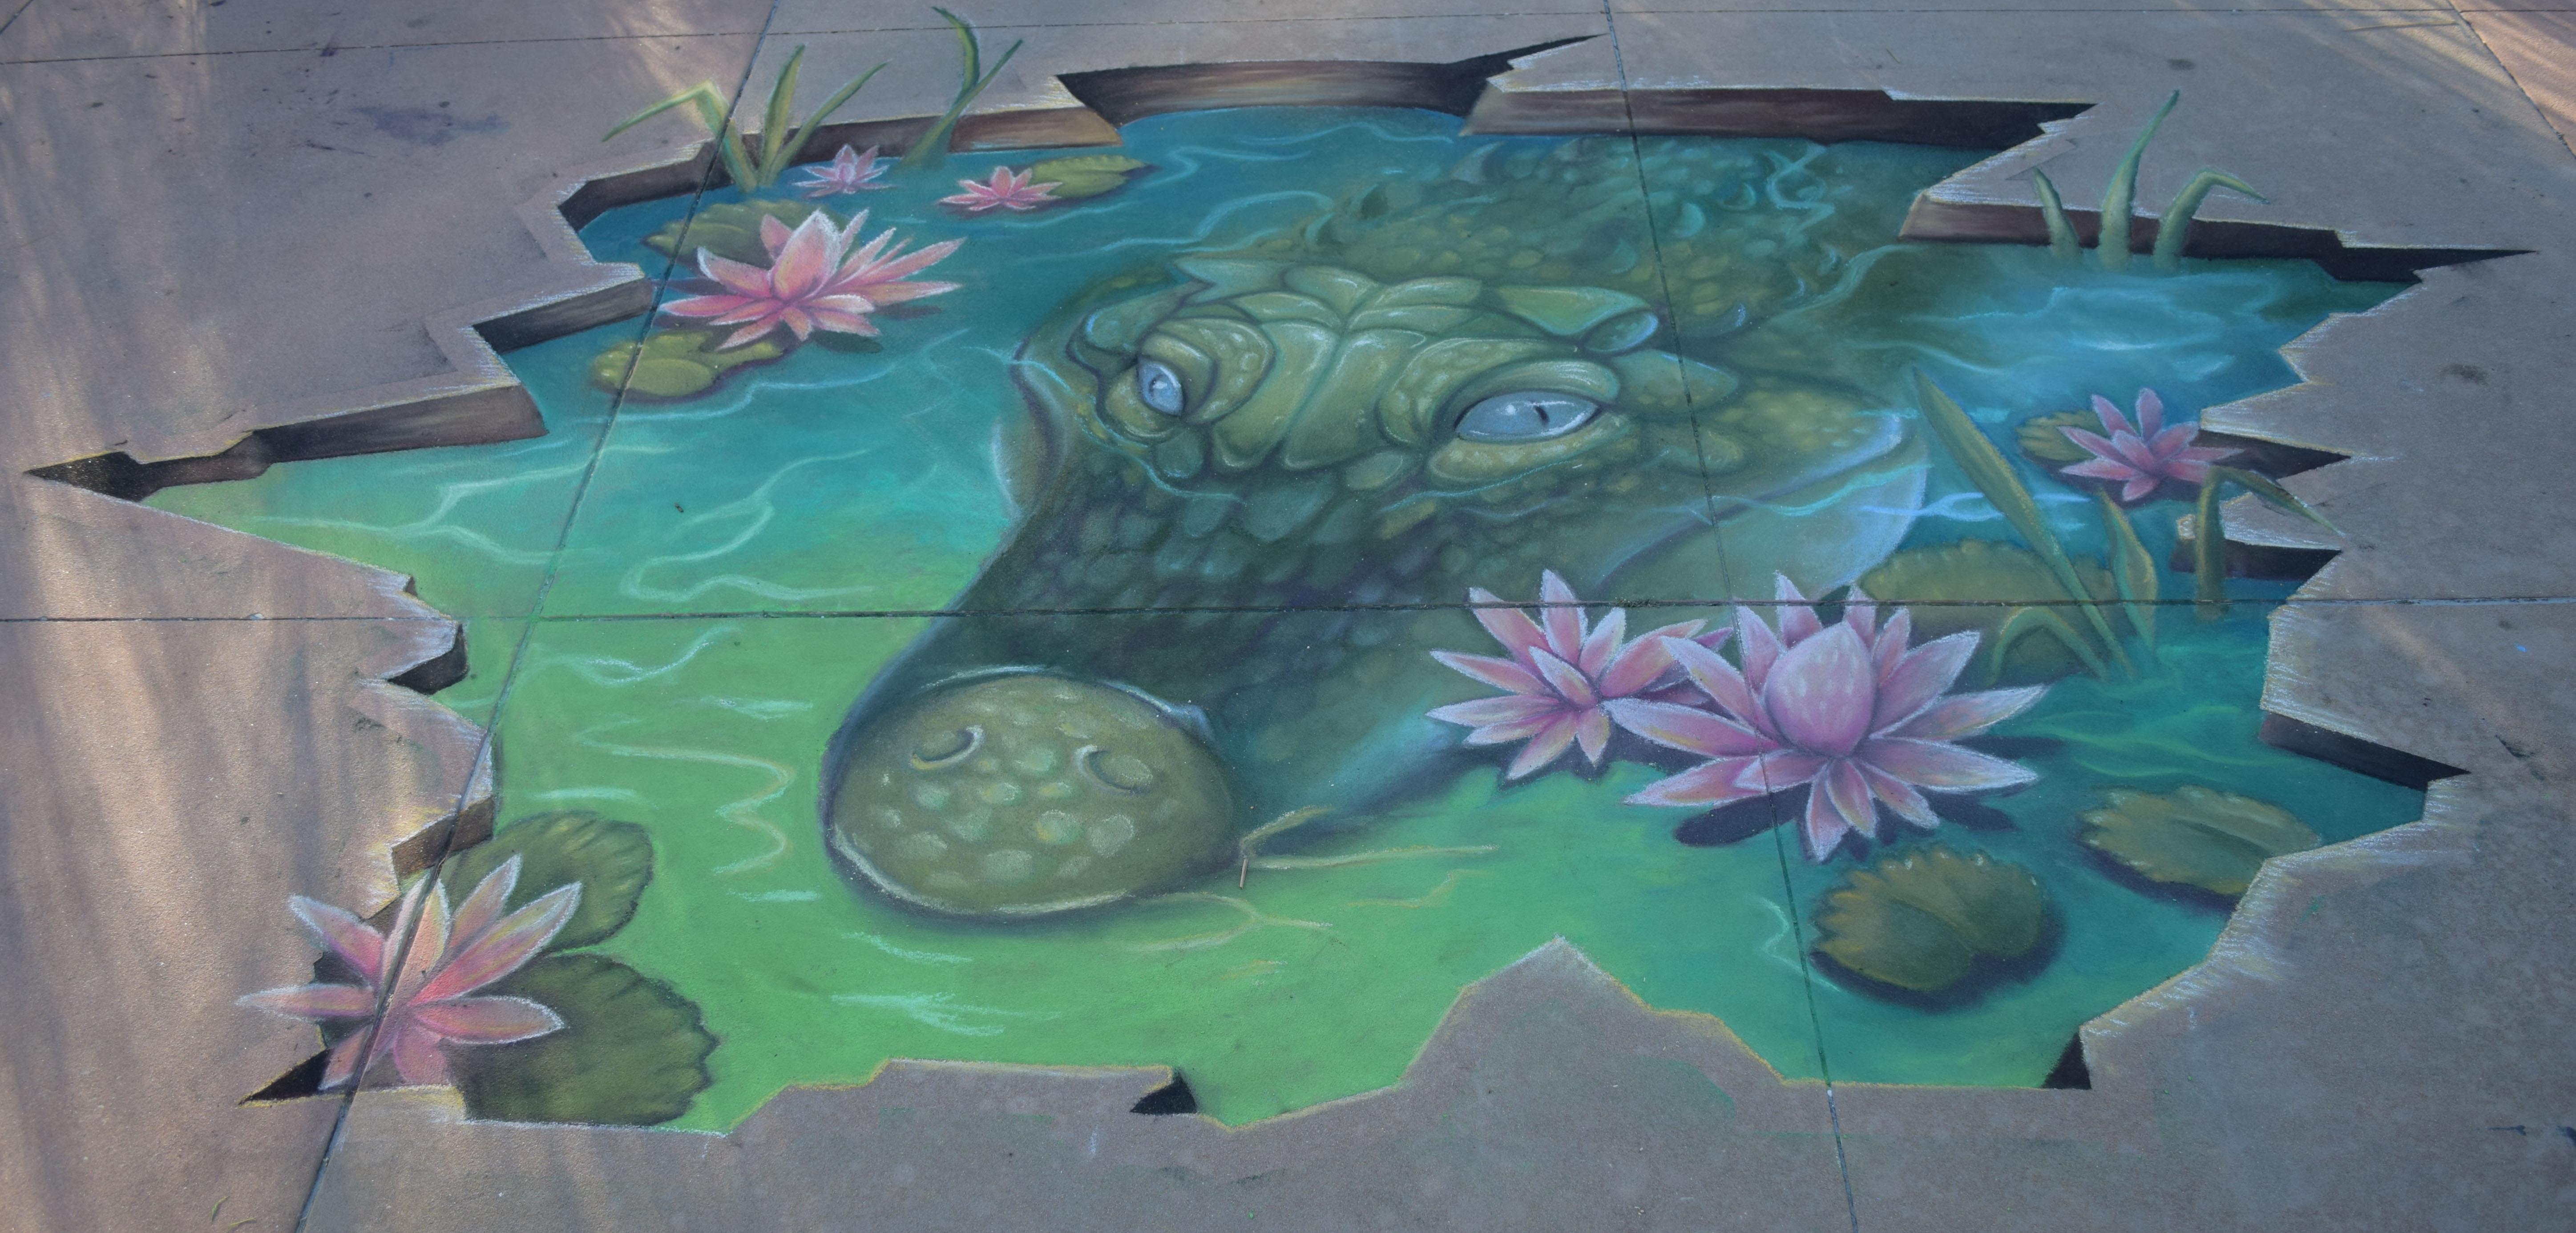 Fourth Annual Chalk Sidewalk Art Festival